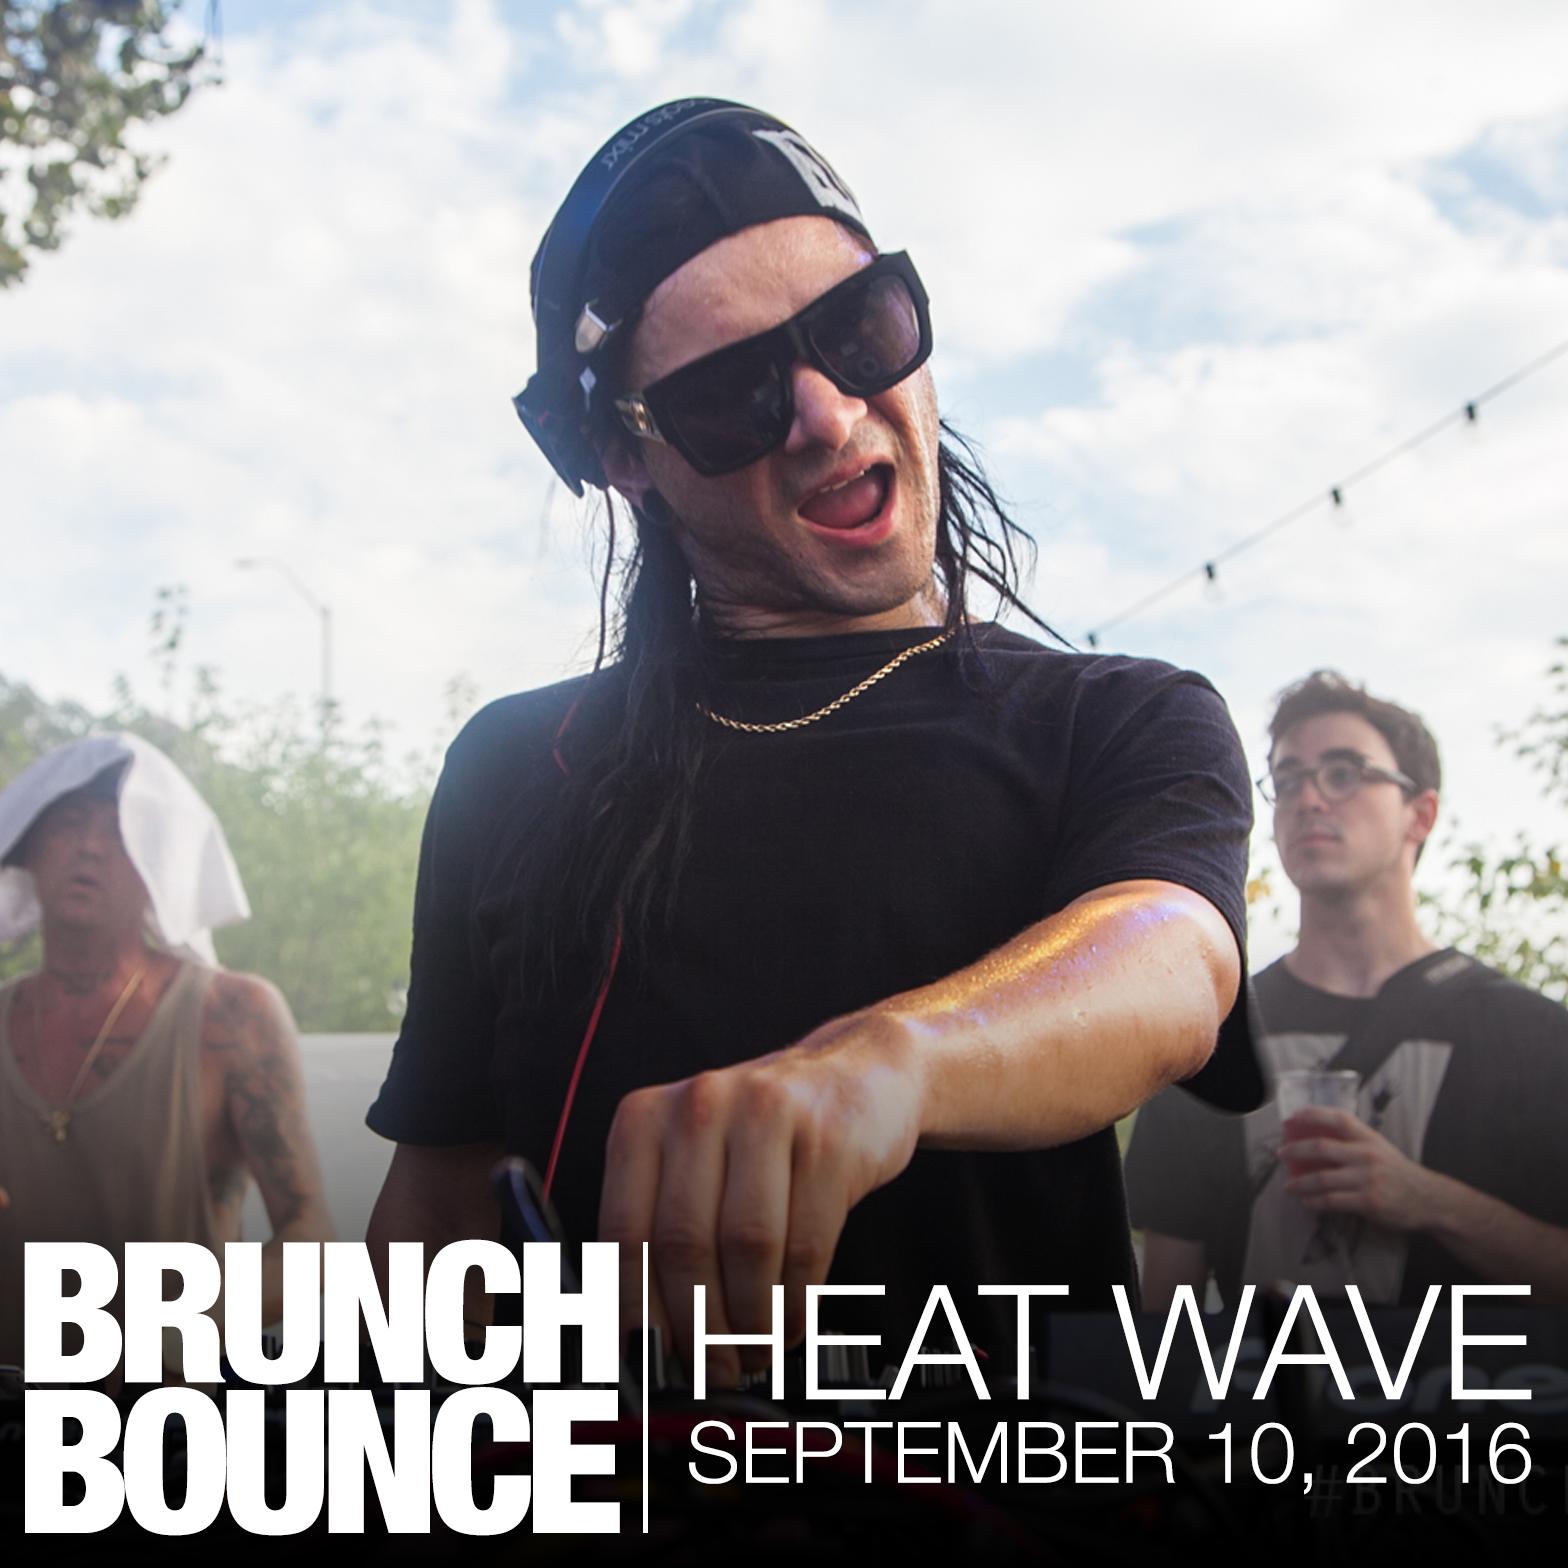 Brunch Bounce Heat Wave 9.10.16